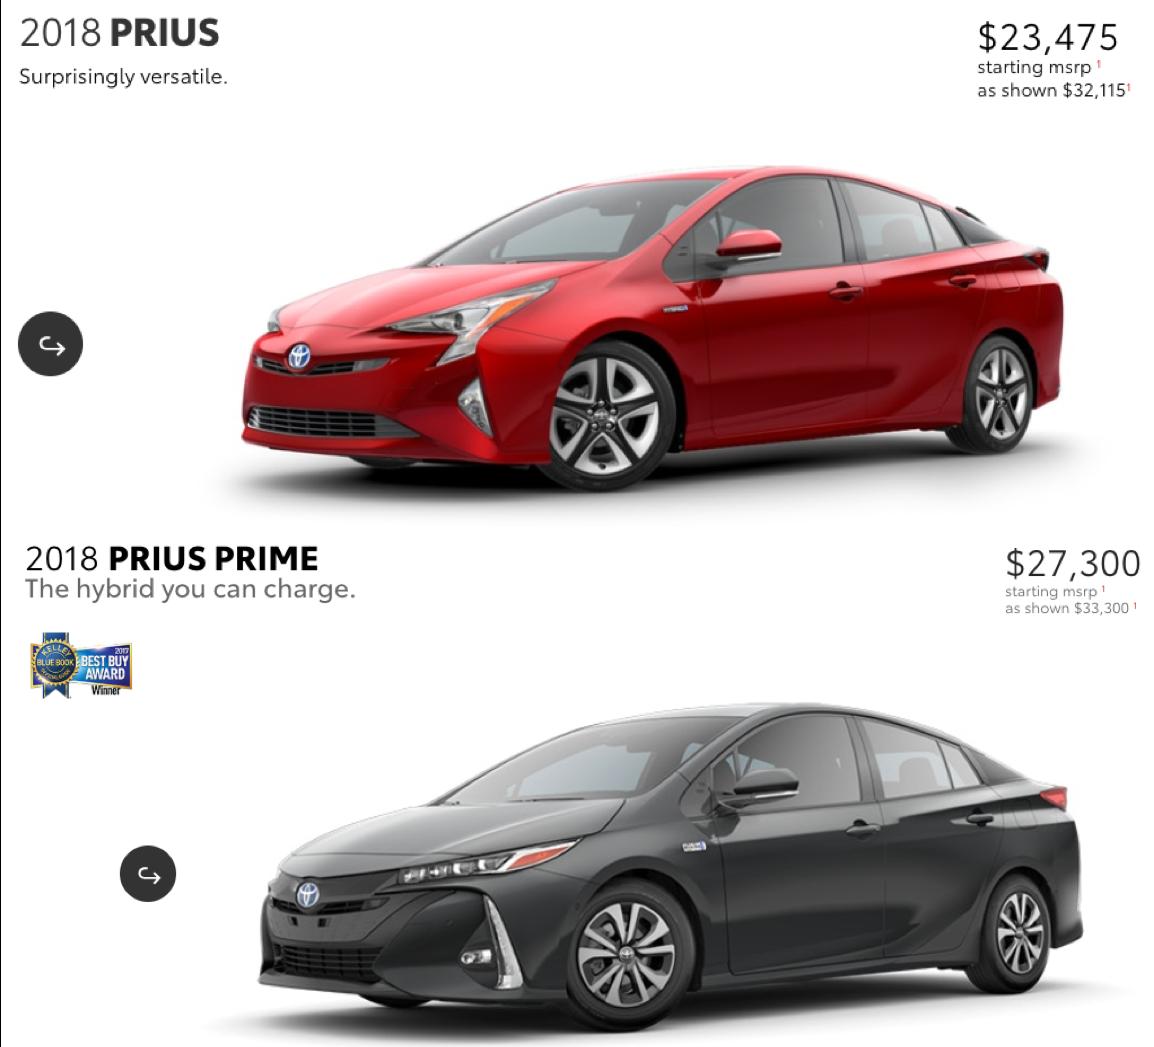 Prius & Prius Prime with pricing